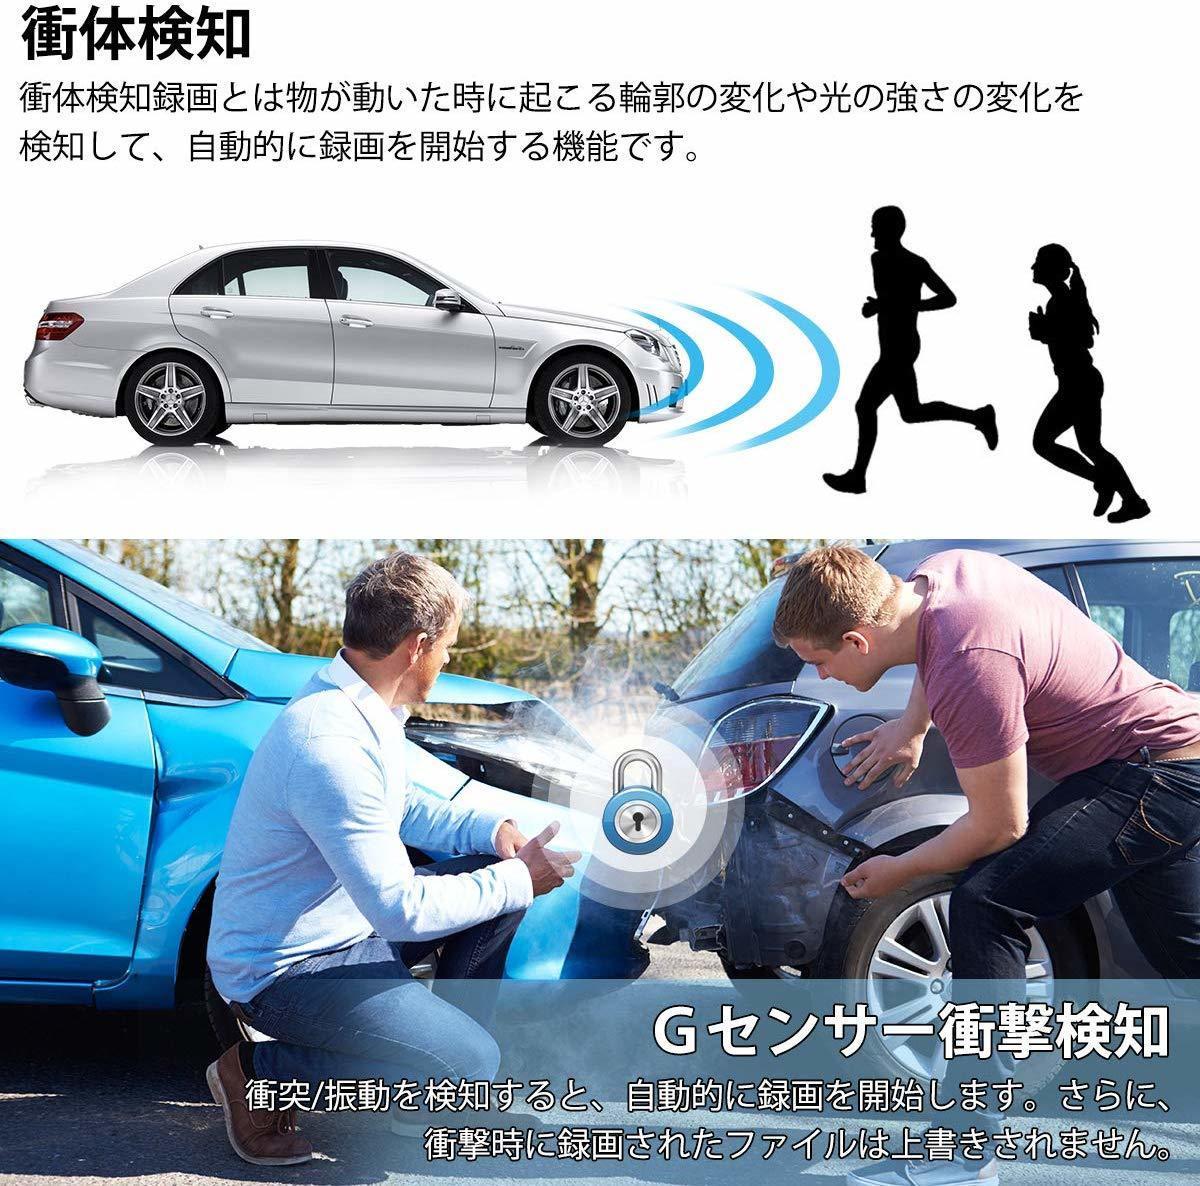 S54 ドライブレコーダー 車載カメラ 1080P フルHD Gセンサー ループ録画 駐車監視 WDR 衝撃録画 日本語 ブラック_画像6